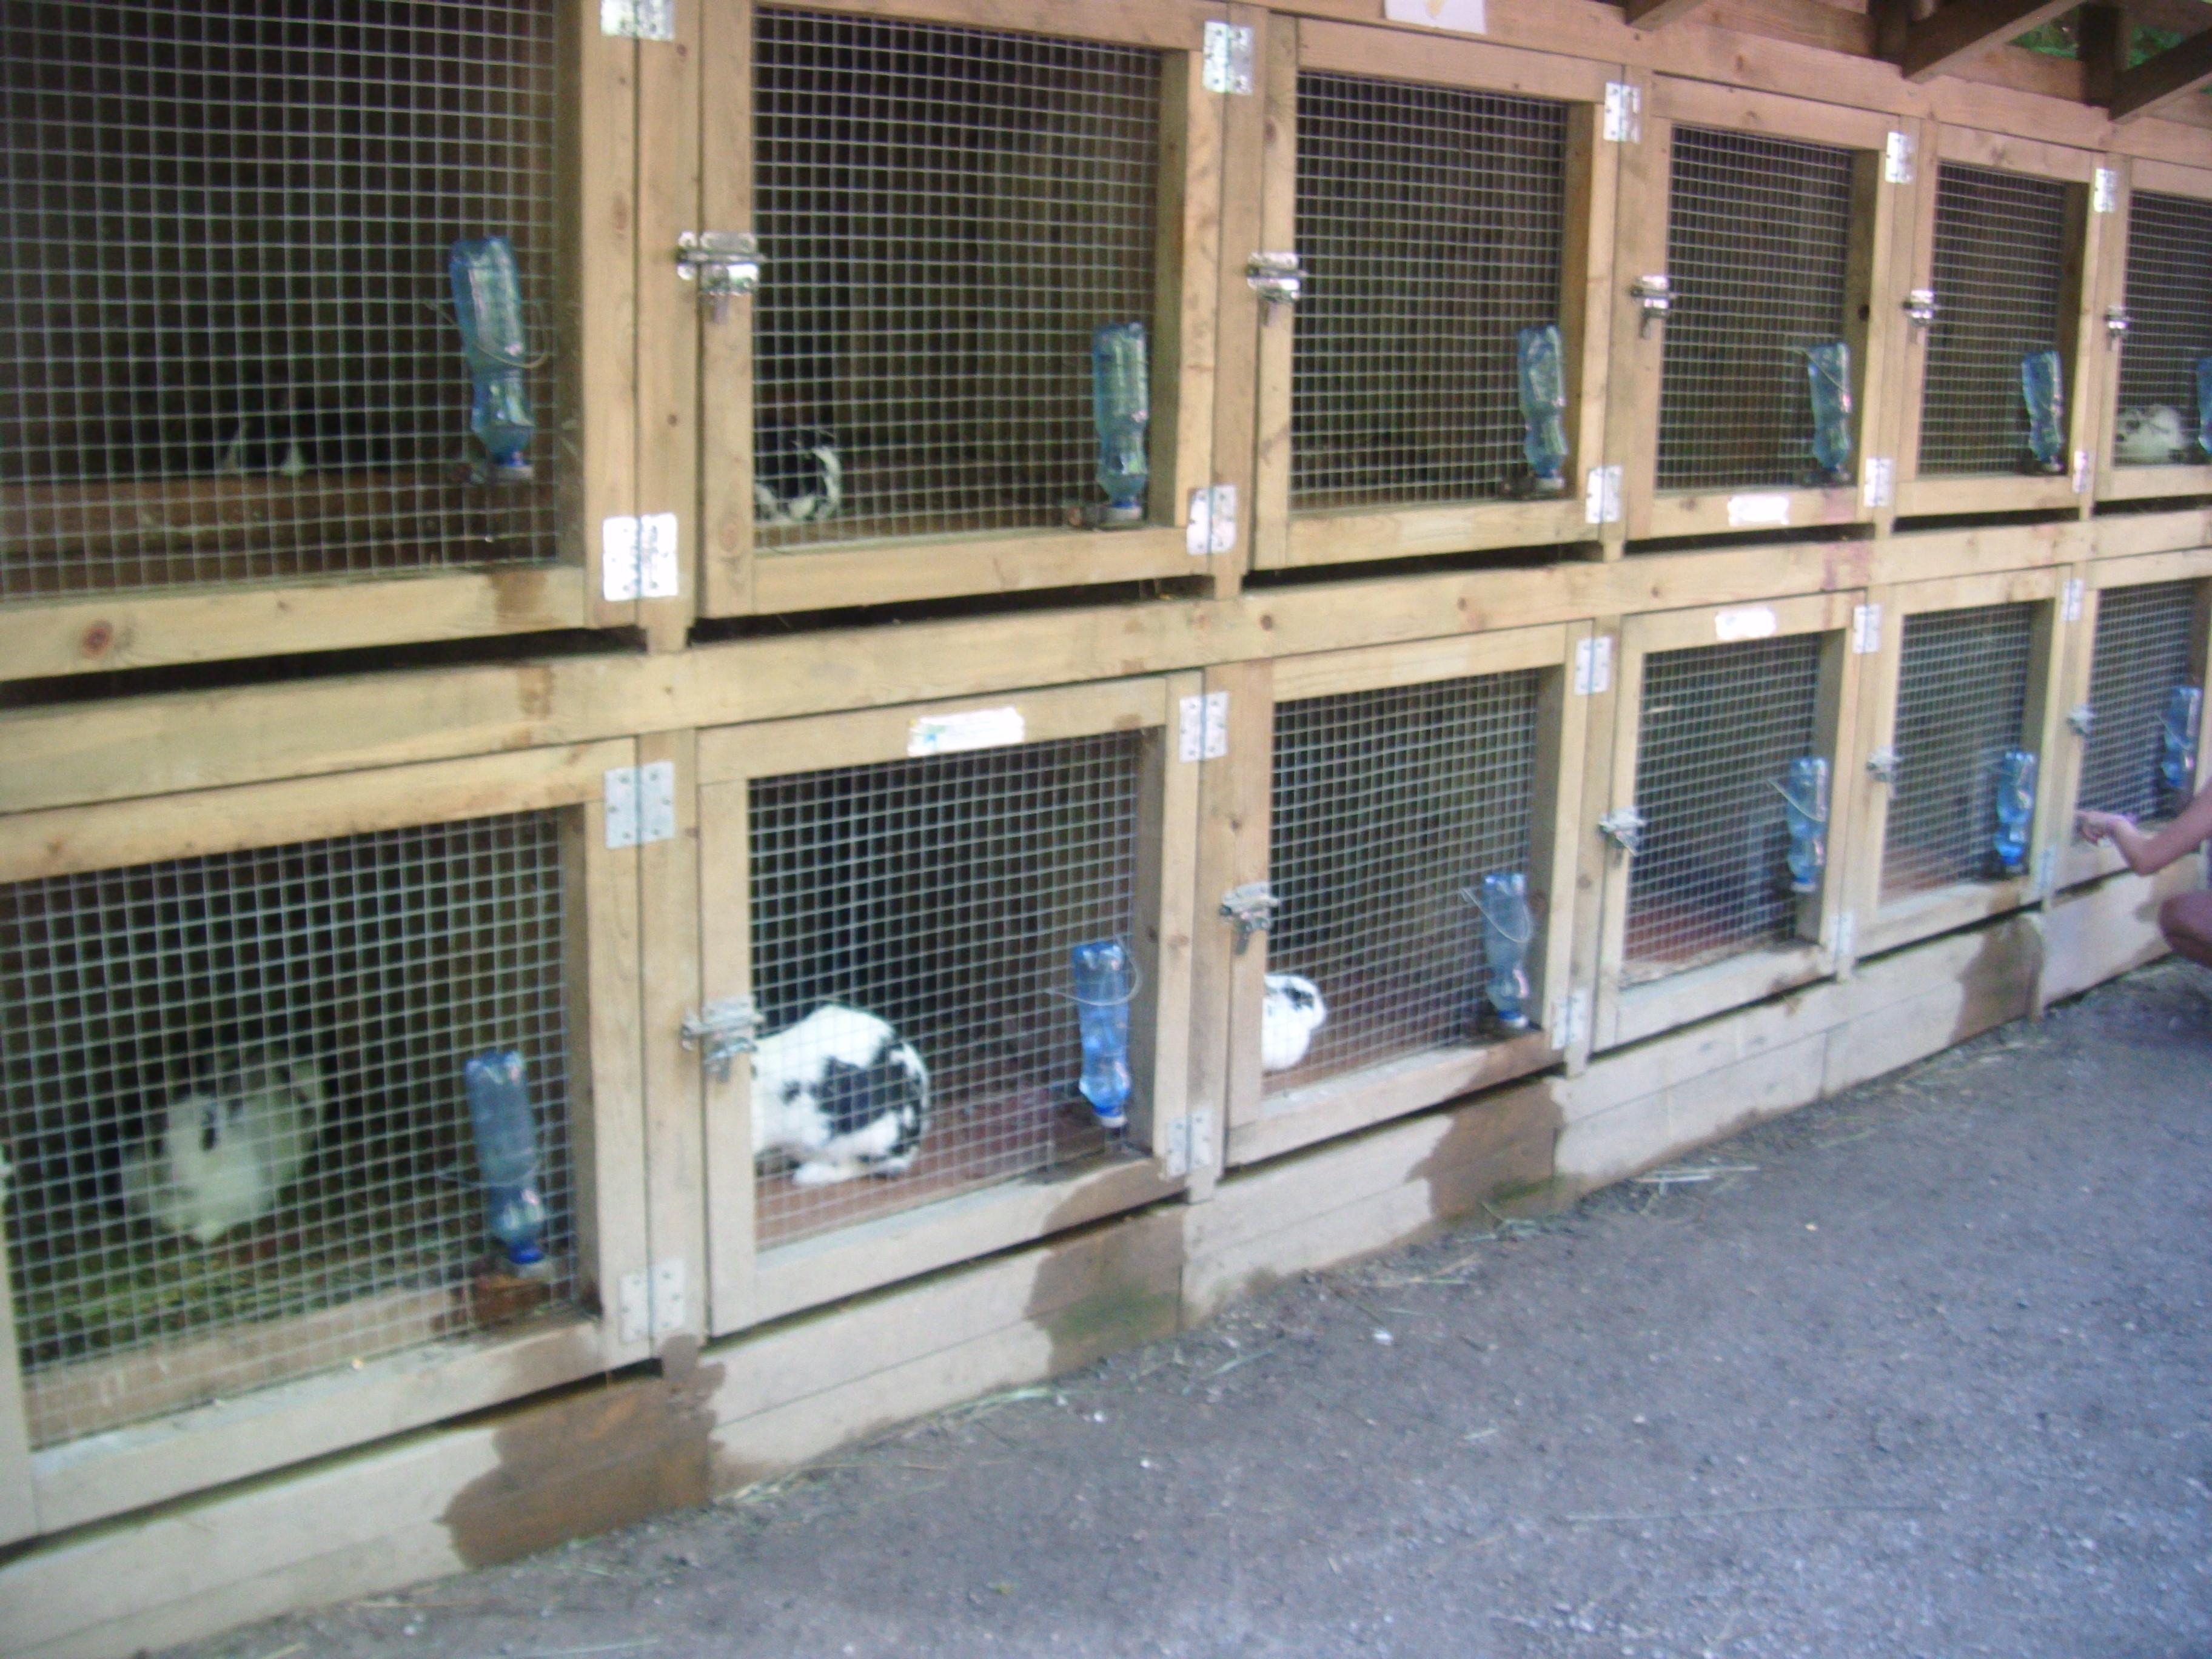 Balade en ari ge le parc des loups a orlu 2 for Clapier lapin fait maison